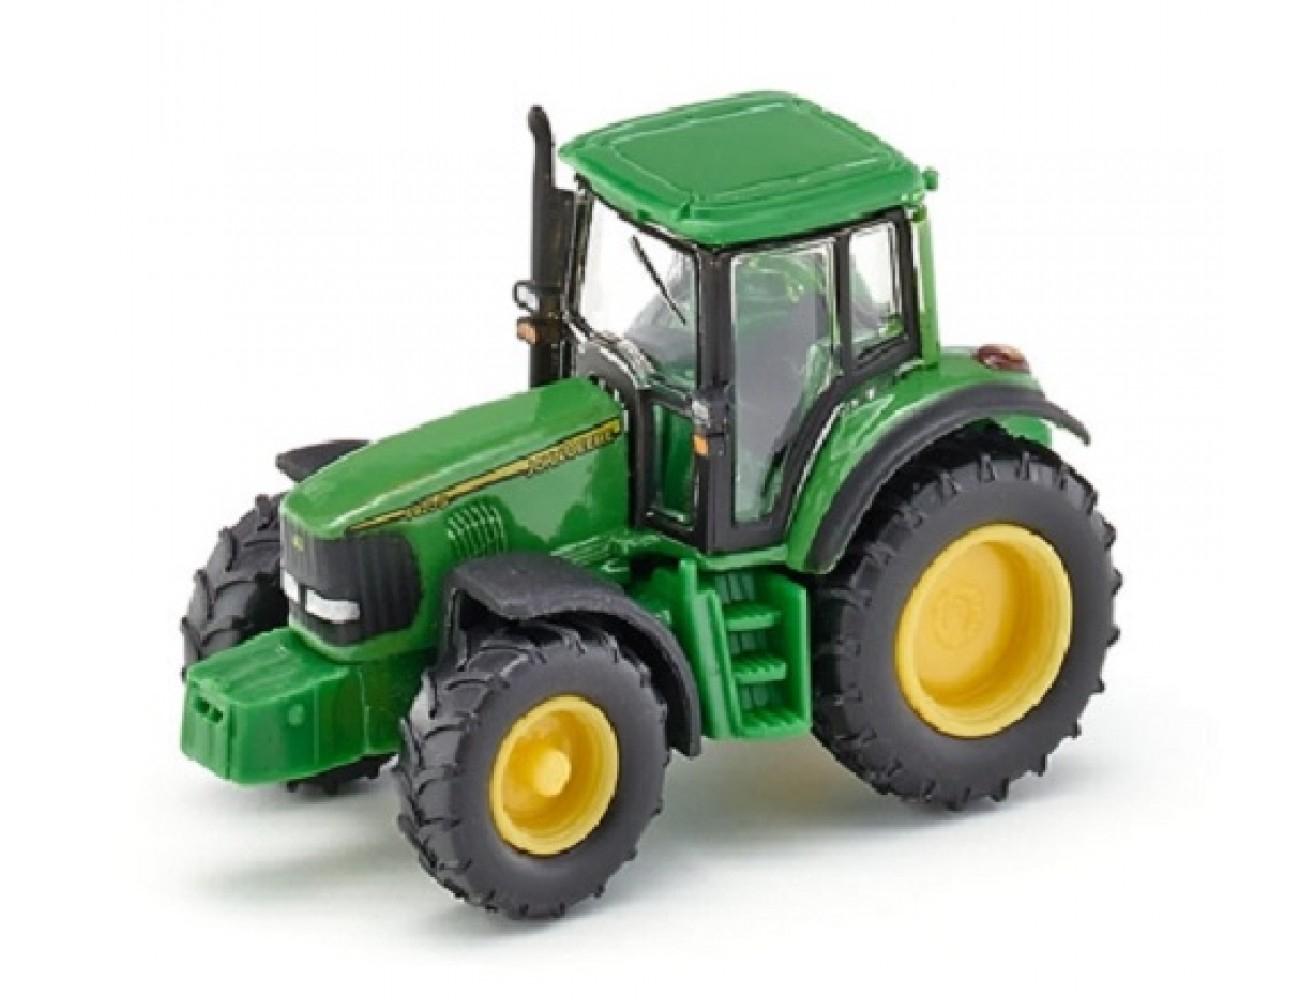 Tracteur John Deere 6920 Ech:1/87 intérieur Dessin Animé De Tracteur John Deere